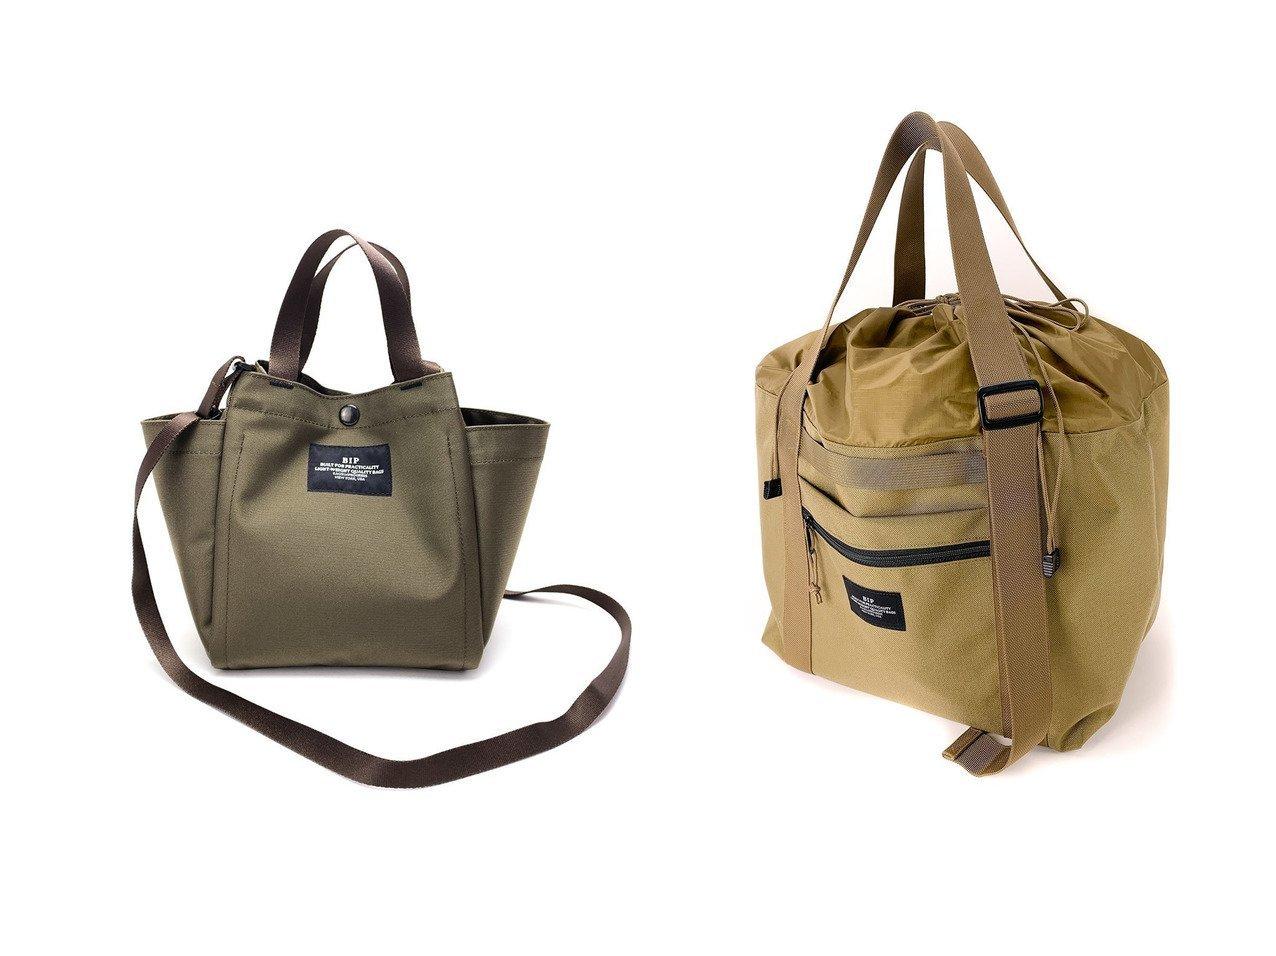 【BAGS IN PROGRESS/バッグス イン プログレス】のSmall Side Pocket トートバッグ&WEEKENDER トートバッグ バッグス イン プログレスのおすすめ!人気、トレンド・レディースファッションの通販  おすすめで人気の流行・トレンド、ファッションの通販商品 メンズファッション・キッズファッション・インテリア・家具・レディースファッション・服の通販 founy(ファニー) https://founy.com/ ファッション Fashion レディースファッション WOMEN バッグ Bag 2021年 2021 2021 春夏 S/S SS Spring/Summer 2021 S/S 春夏 SS Spring/Summer エレガント ショルダー ポケット ラップ 春 Spring |ID:crp329100000021164